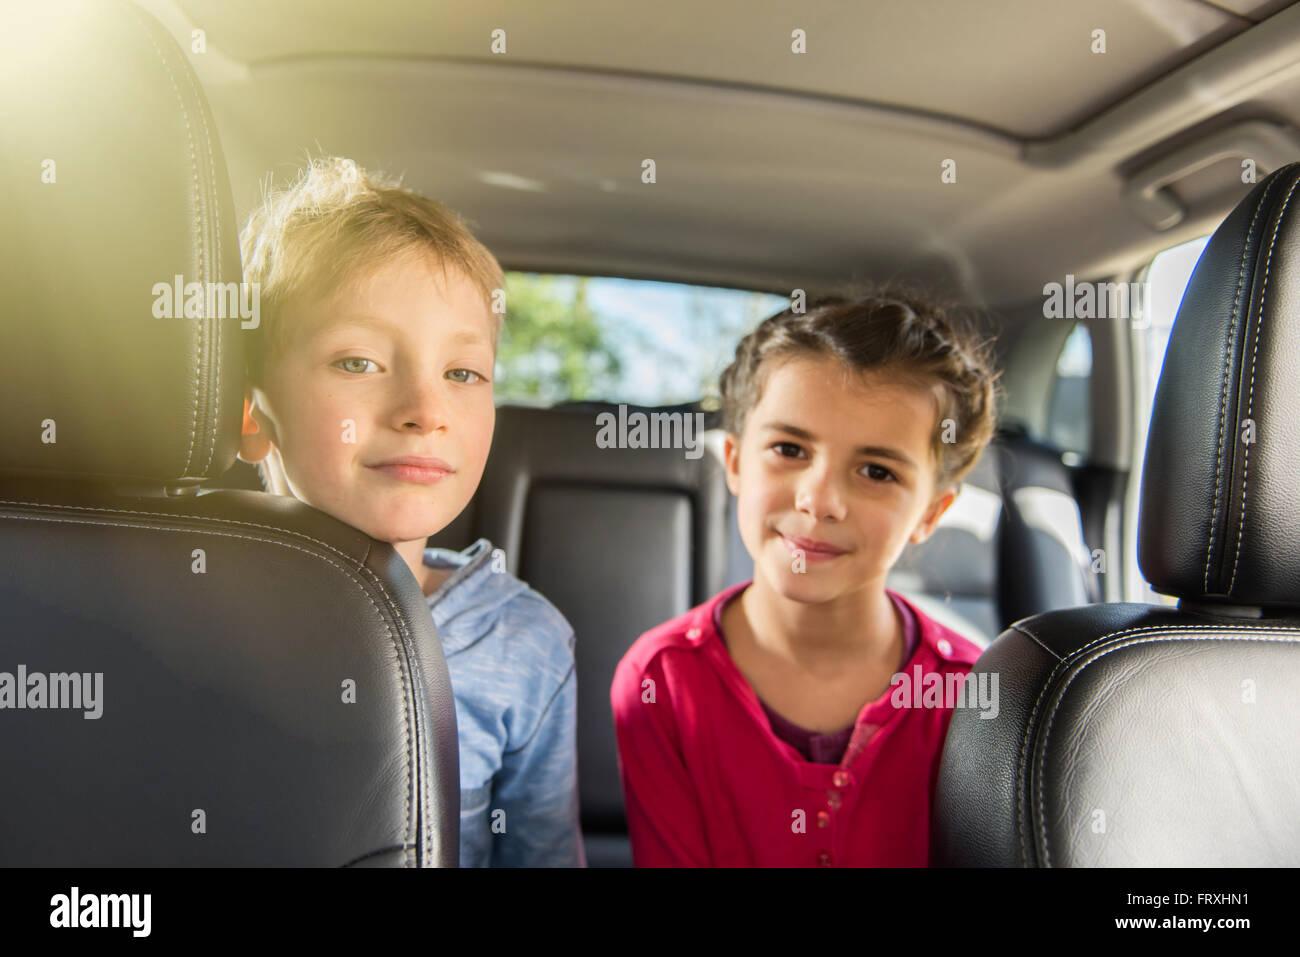 2932x2932 Pubg Android Game 4k Ipad Pro Retina Display Hd: Car Front Seats Stock Photos & Car Front Seats Stock